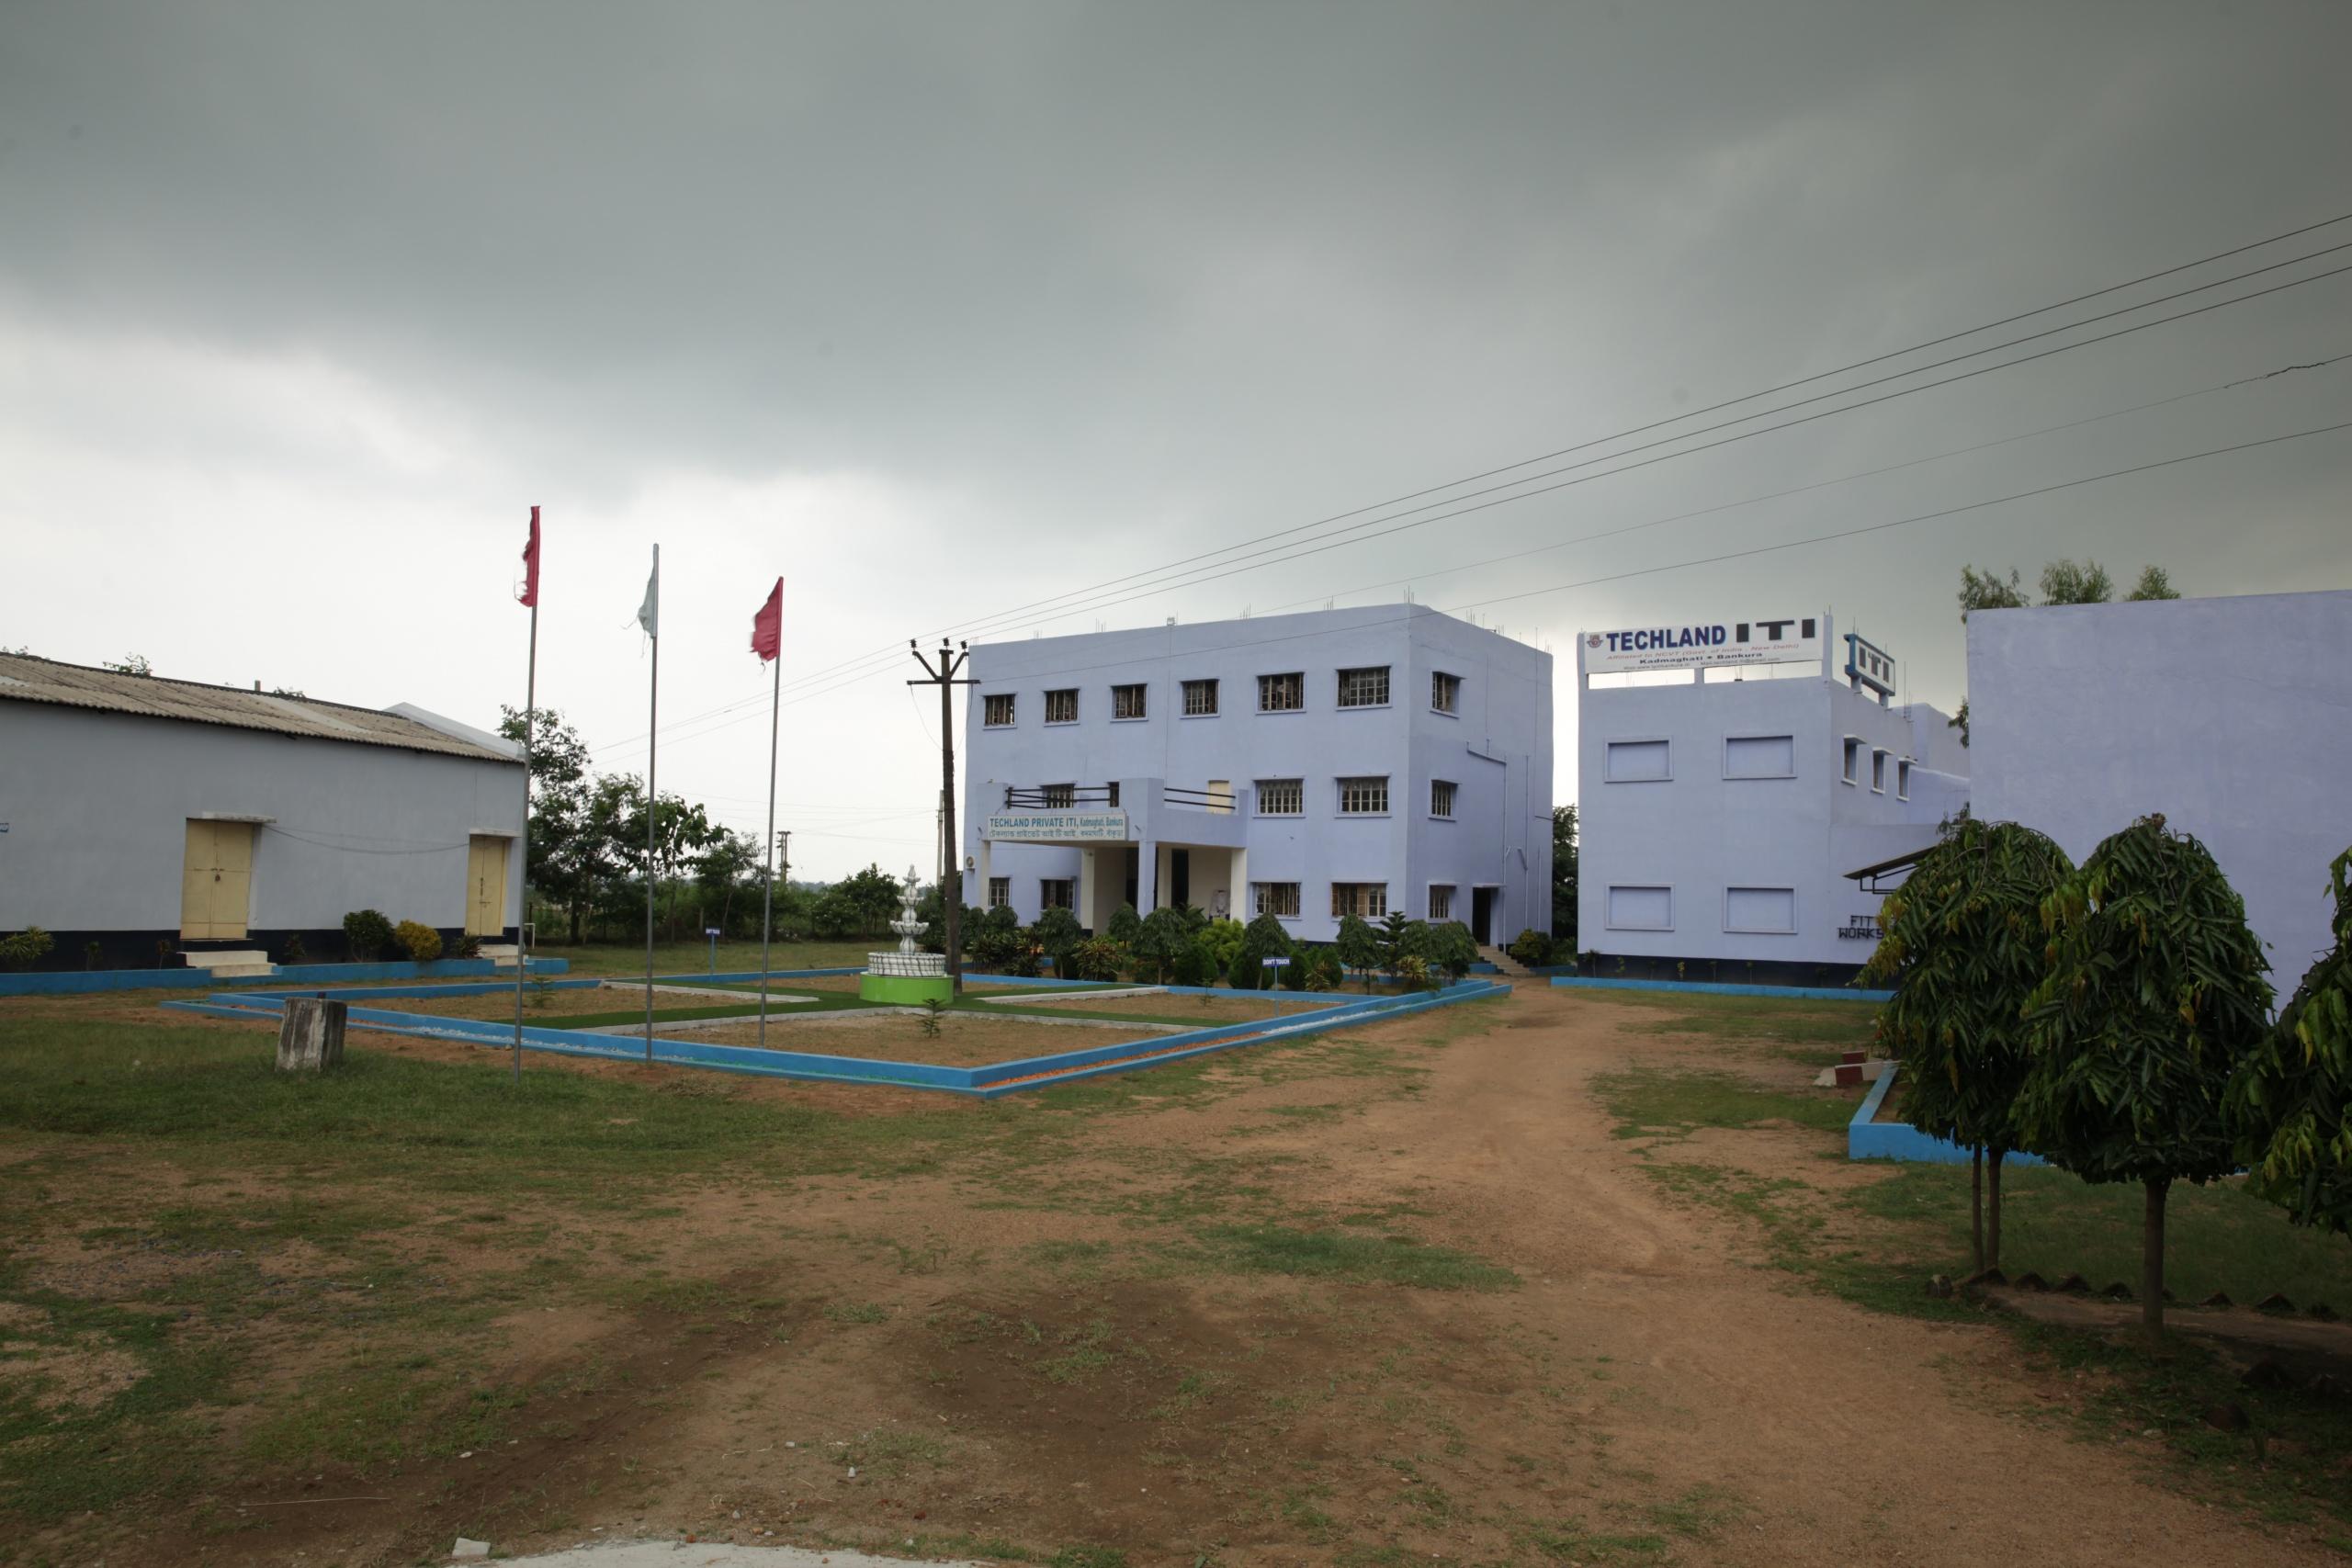 Technical Institute